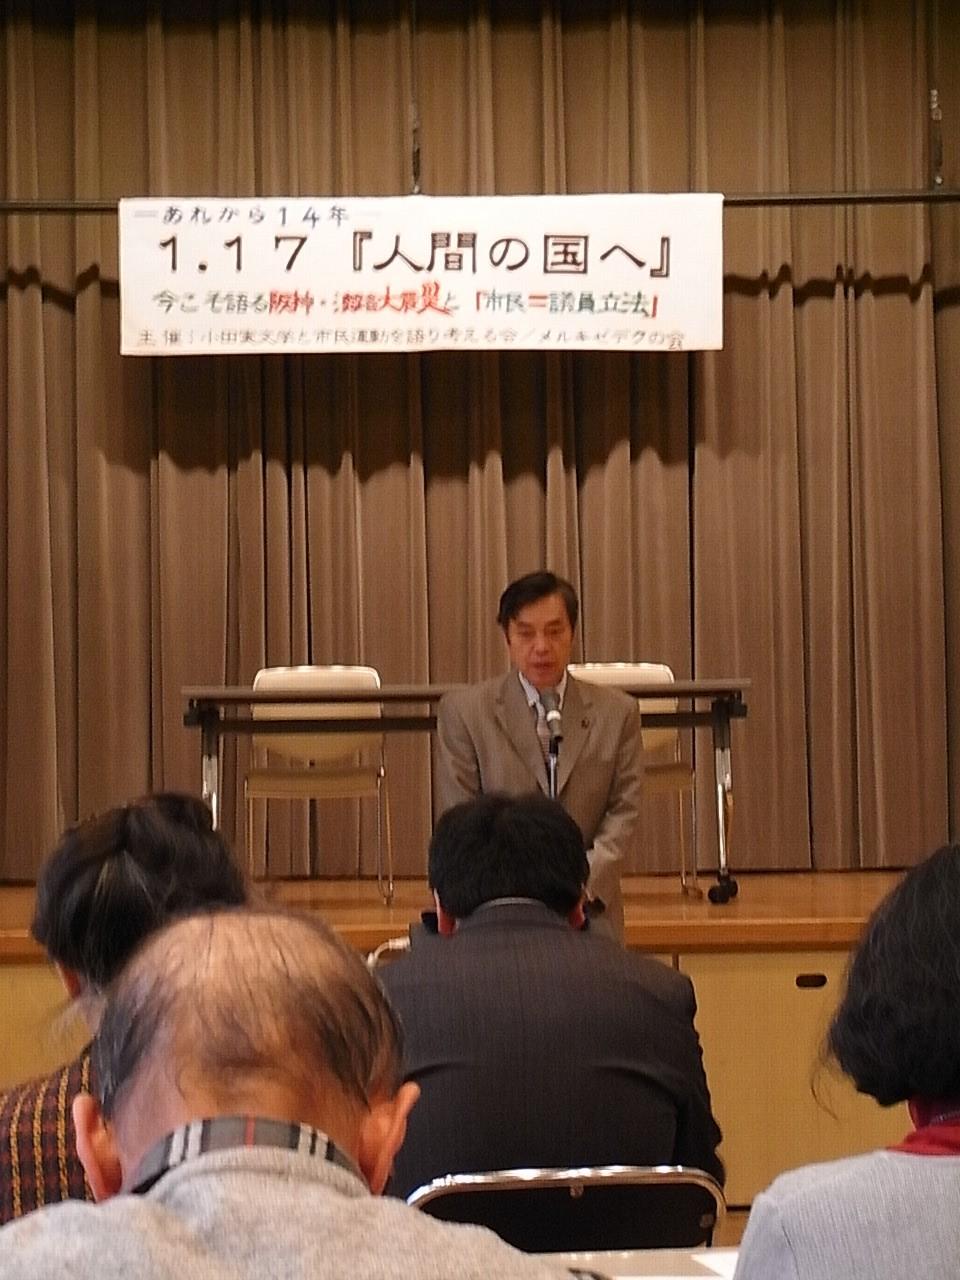 1.17『人間の国』へ